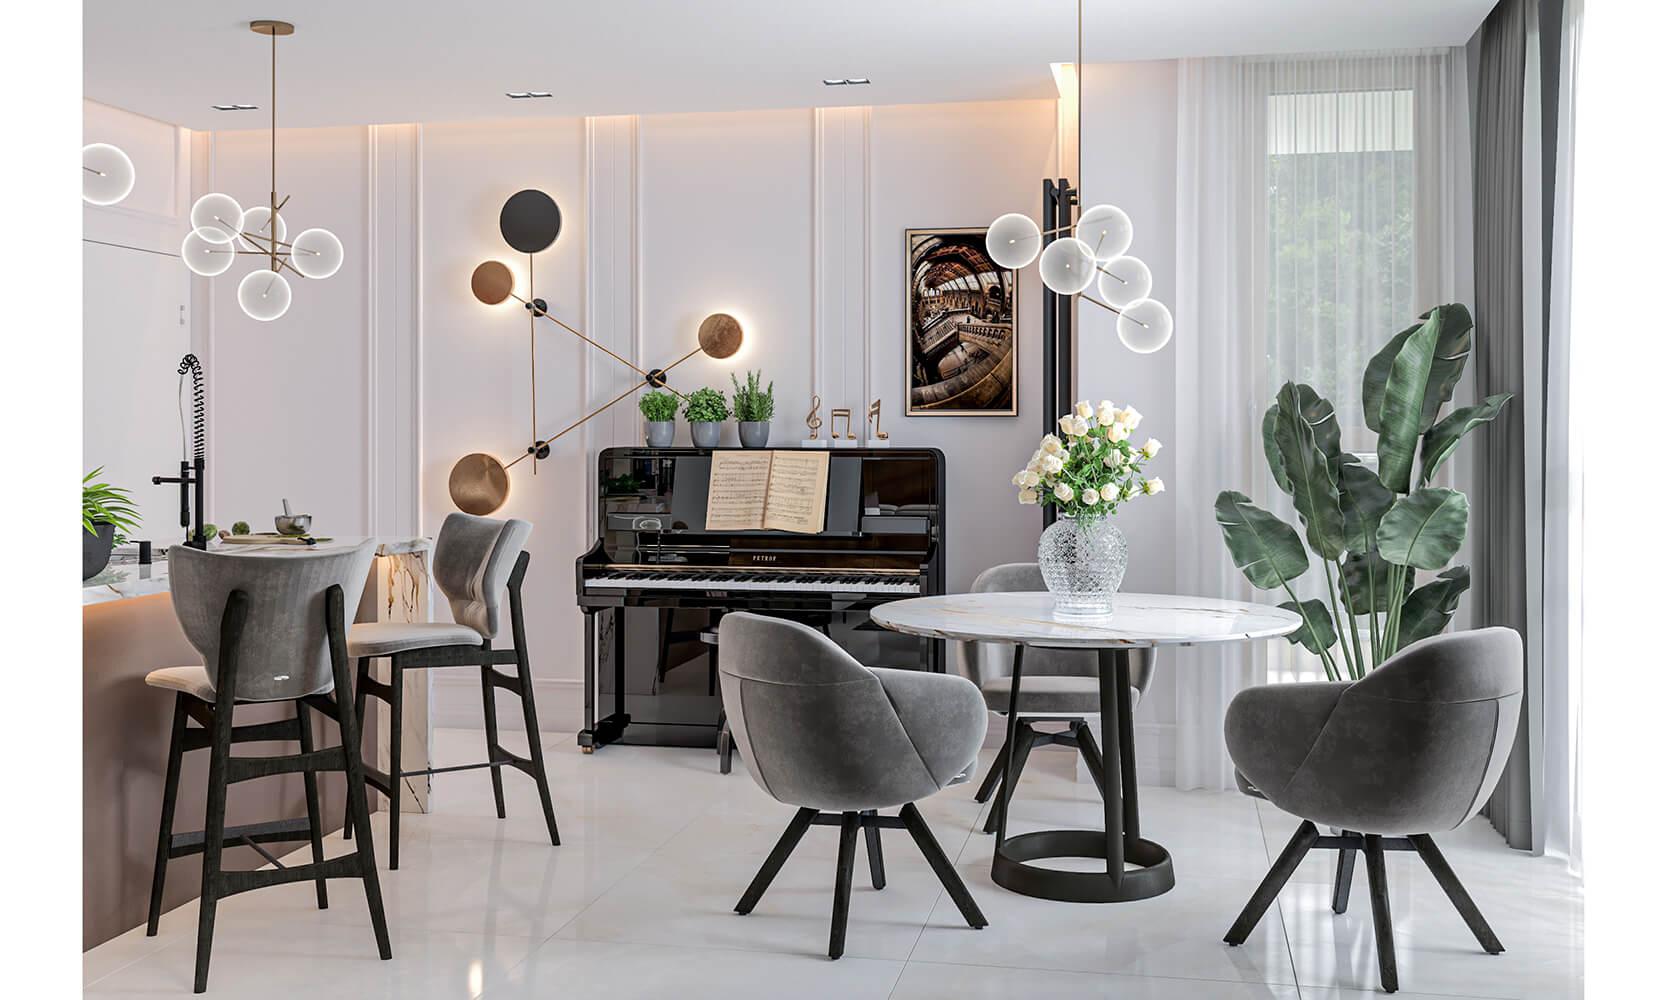 interioren-dizain-proekt-na-trapezaria-i-dneven-trakt